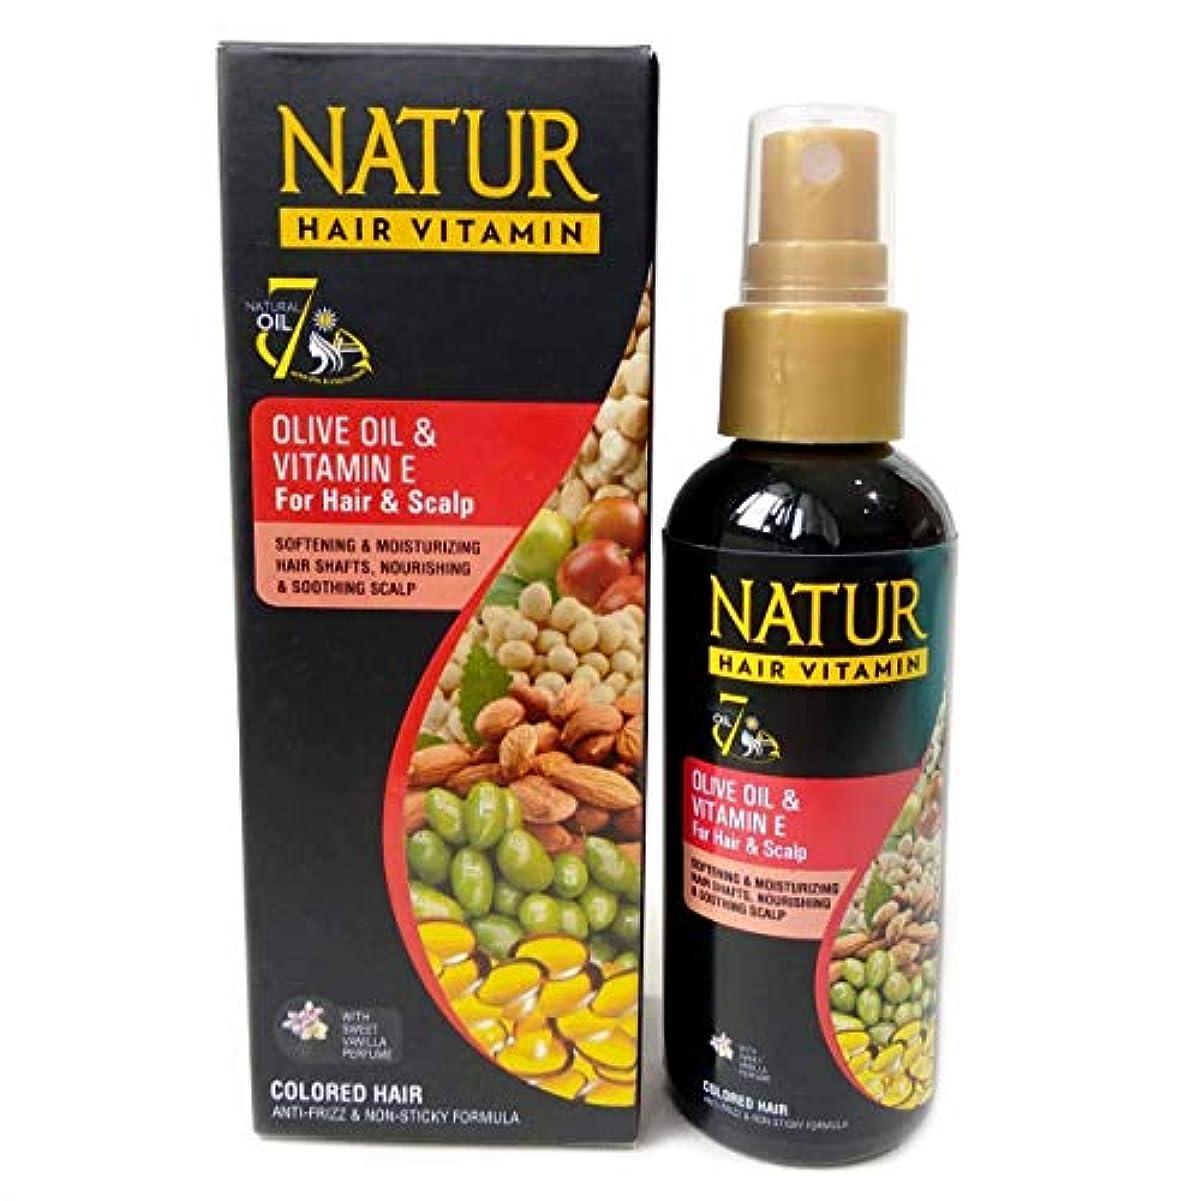 検閲スーパーアジャNATUR ナトゥール 天然植物エキス配合 Hair Vitamin ハーバルヘアビタミン 80ml Olive oil&Vitamin E オリーブオイル&ビタミンE [海外直商品]